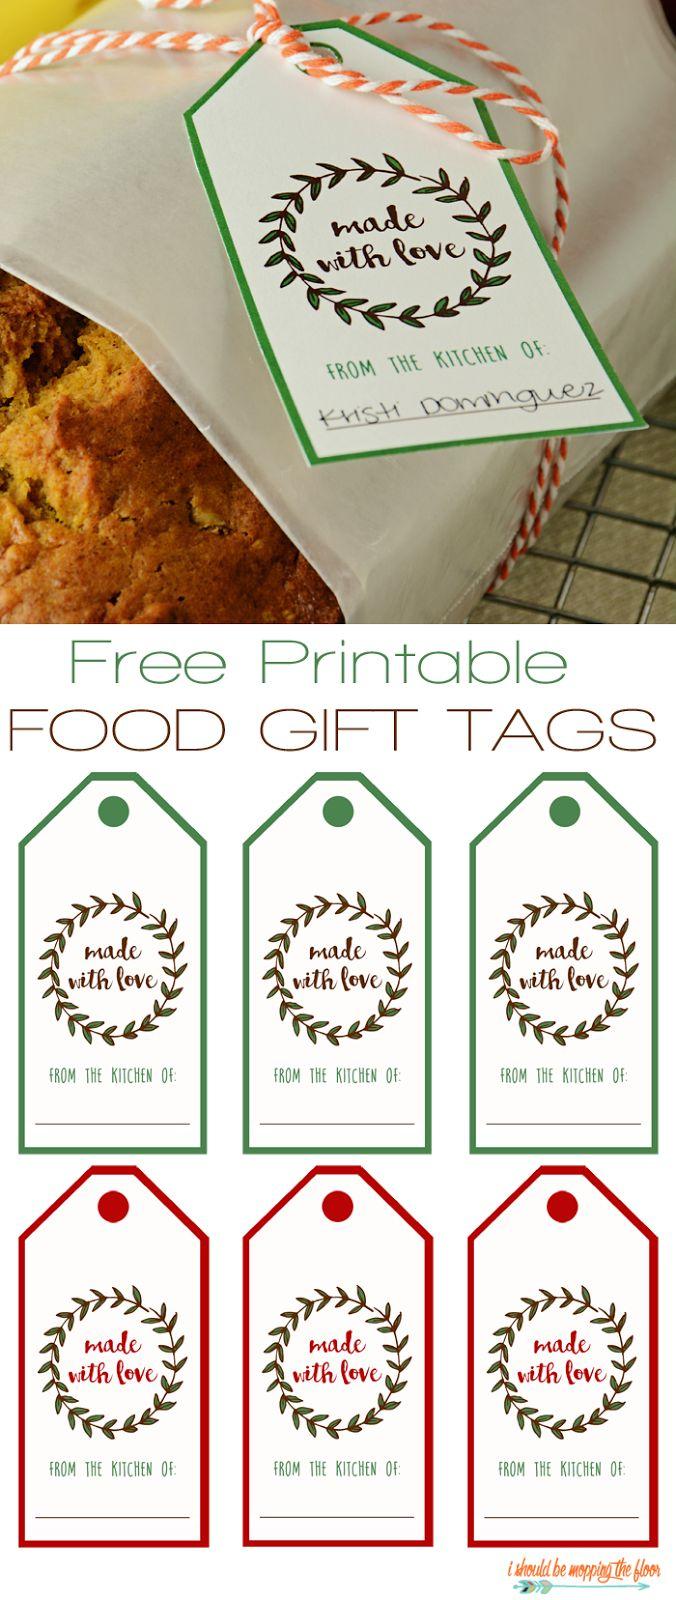 Free Printable Food Gift Tags   Printables   Pinterest   Gift Tags - Diy Christmas Gift Tags Free Printable